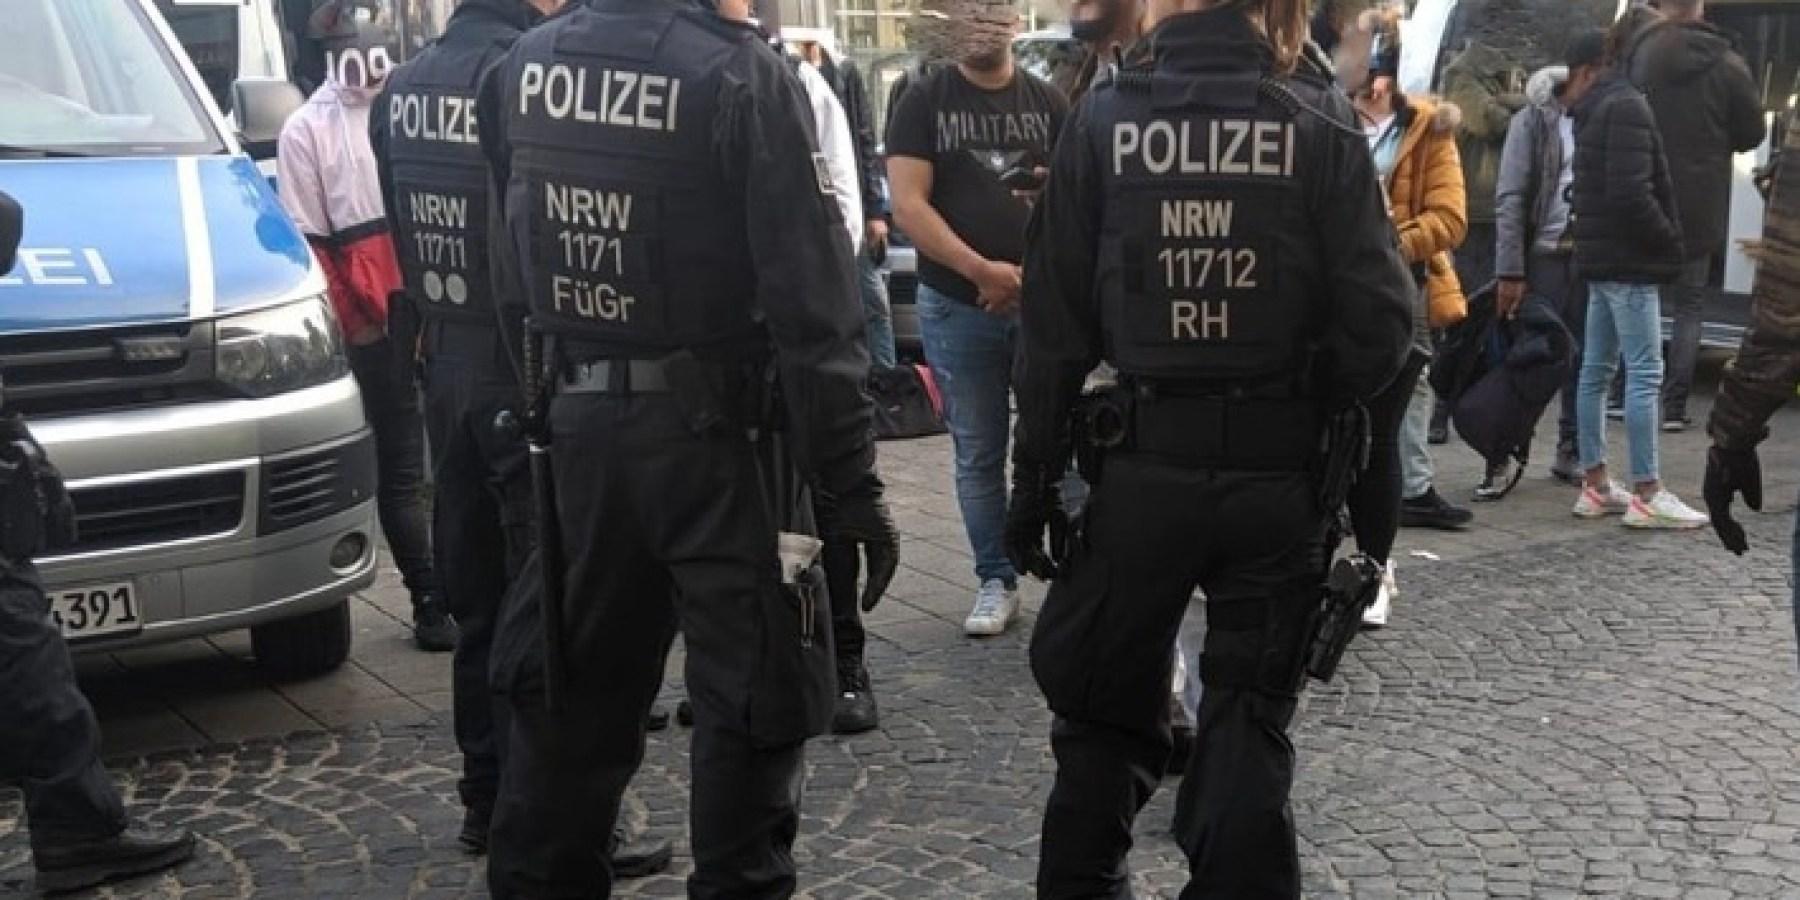 30 mutmaßliche Straftäter überprüft – Drei Festnahmen bei Schwerpunktkontrolle im Bahnhofsumfeld